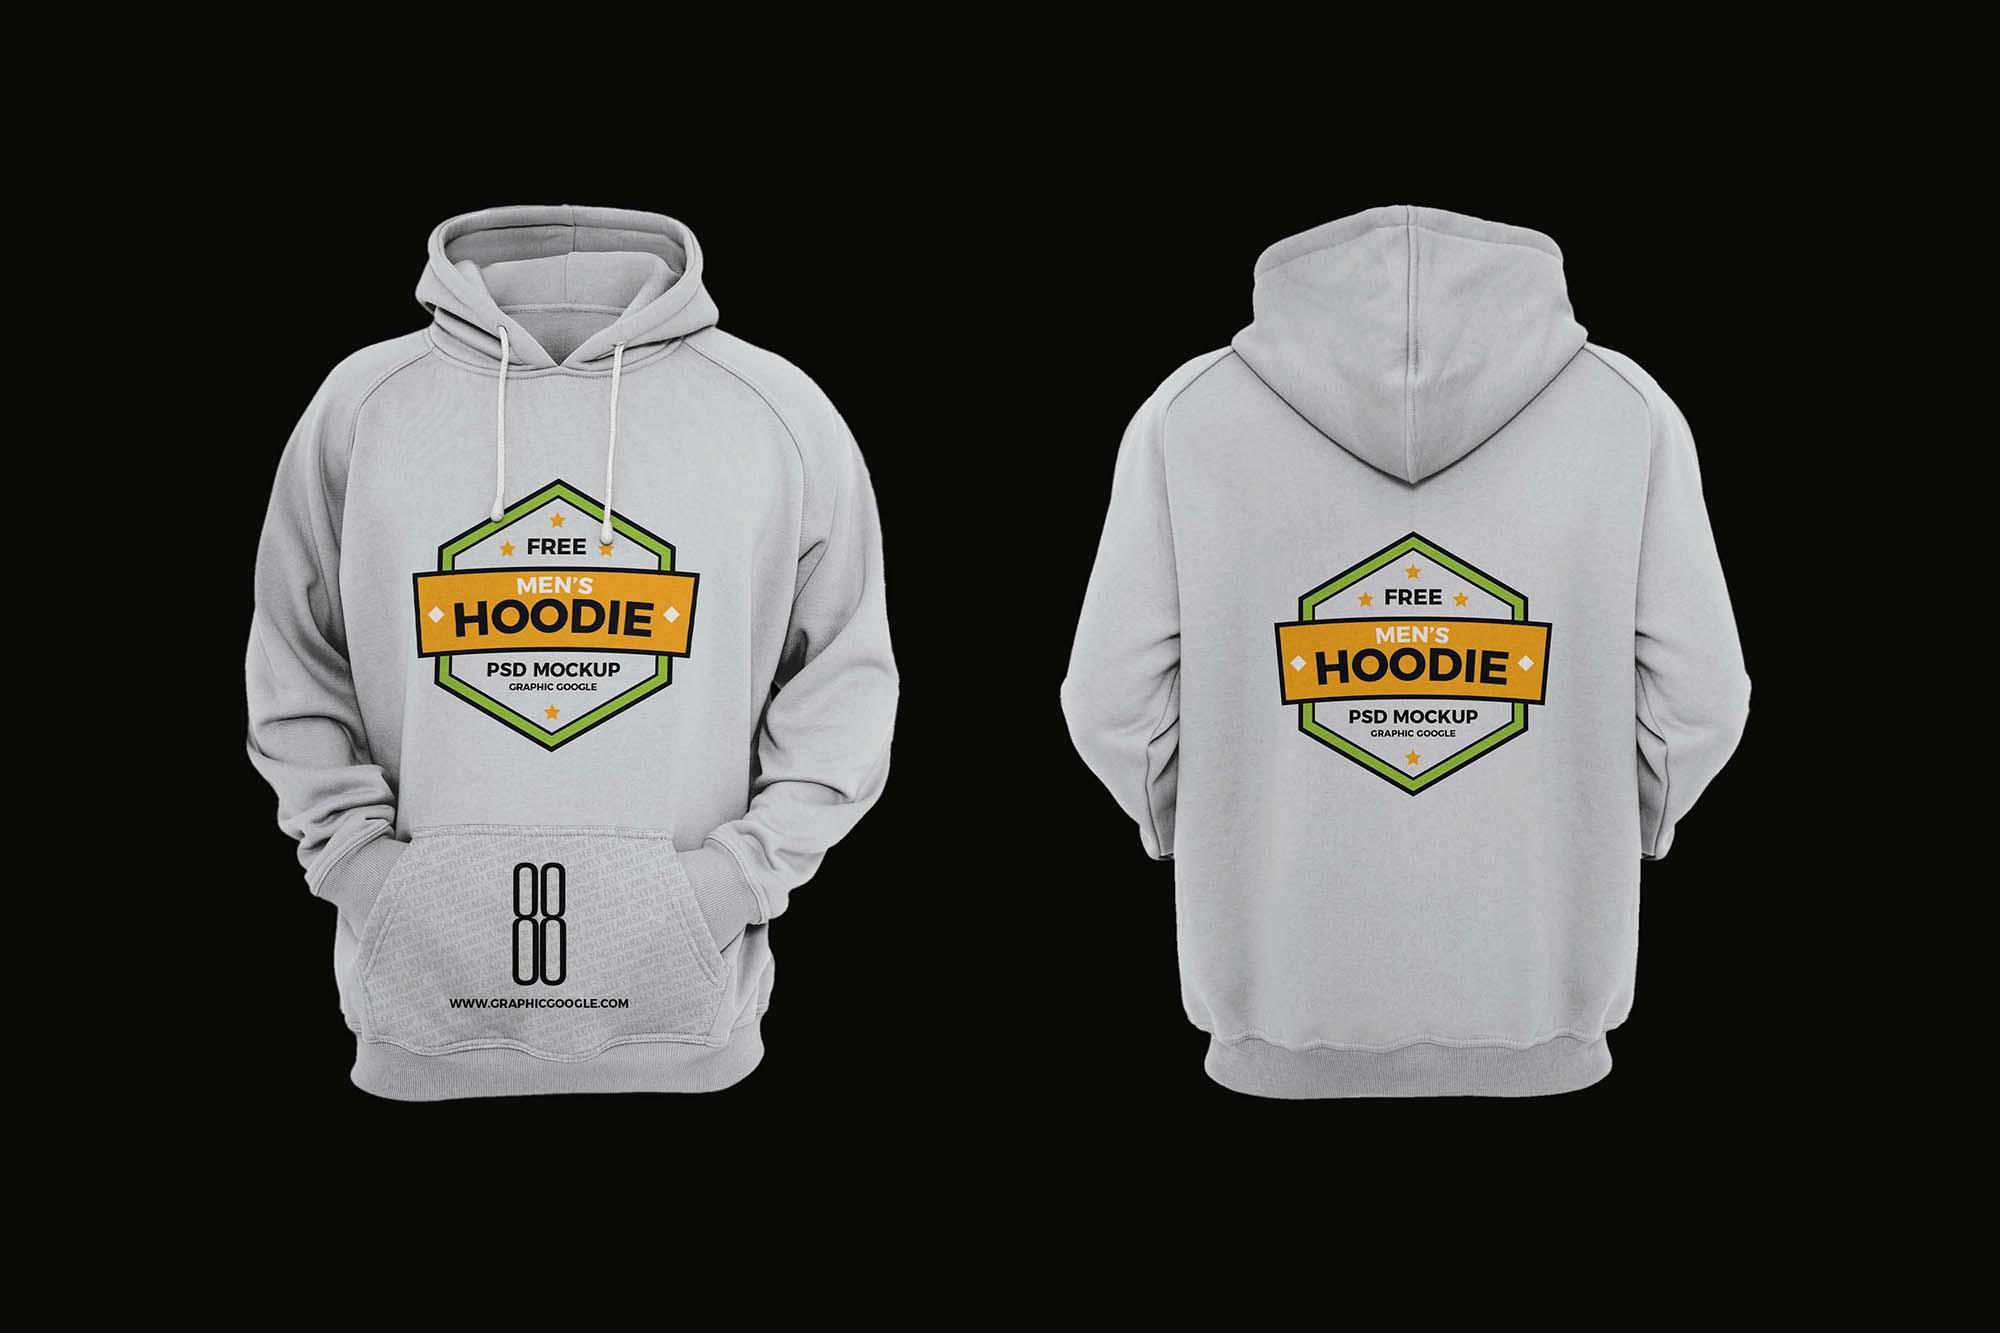 Men's Hoodie Mockup 2